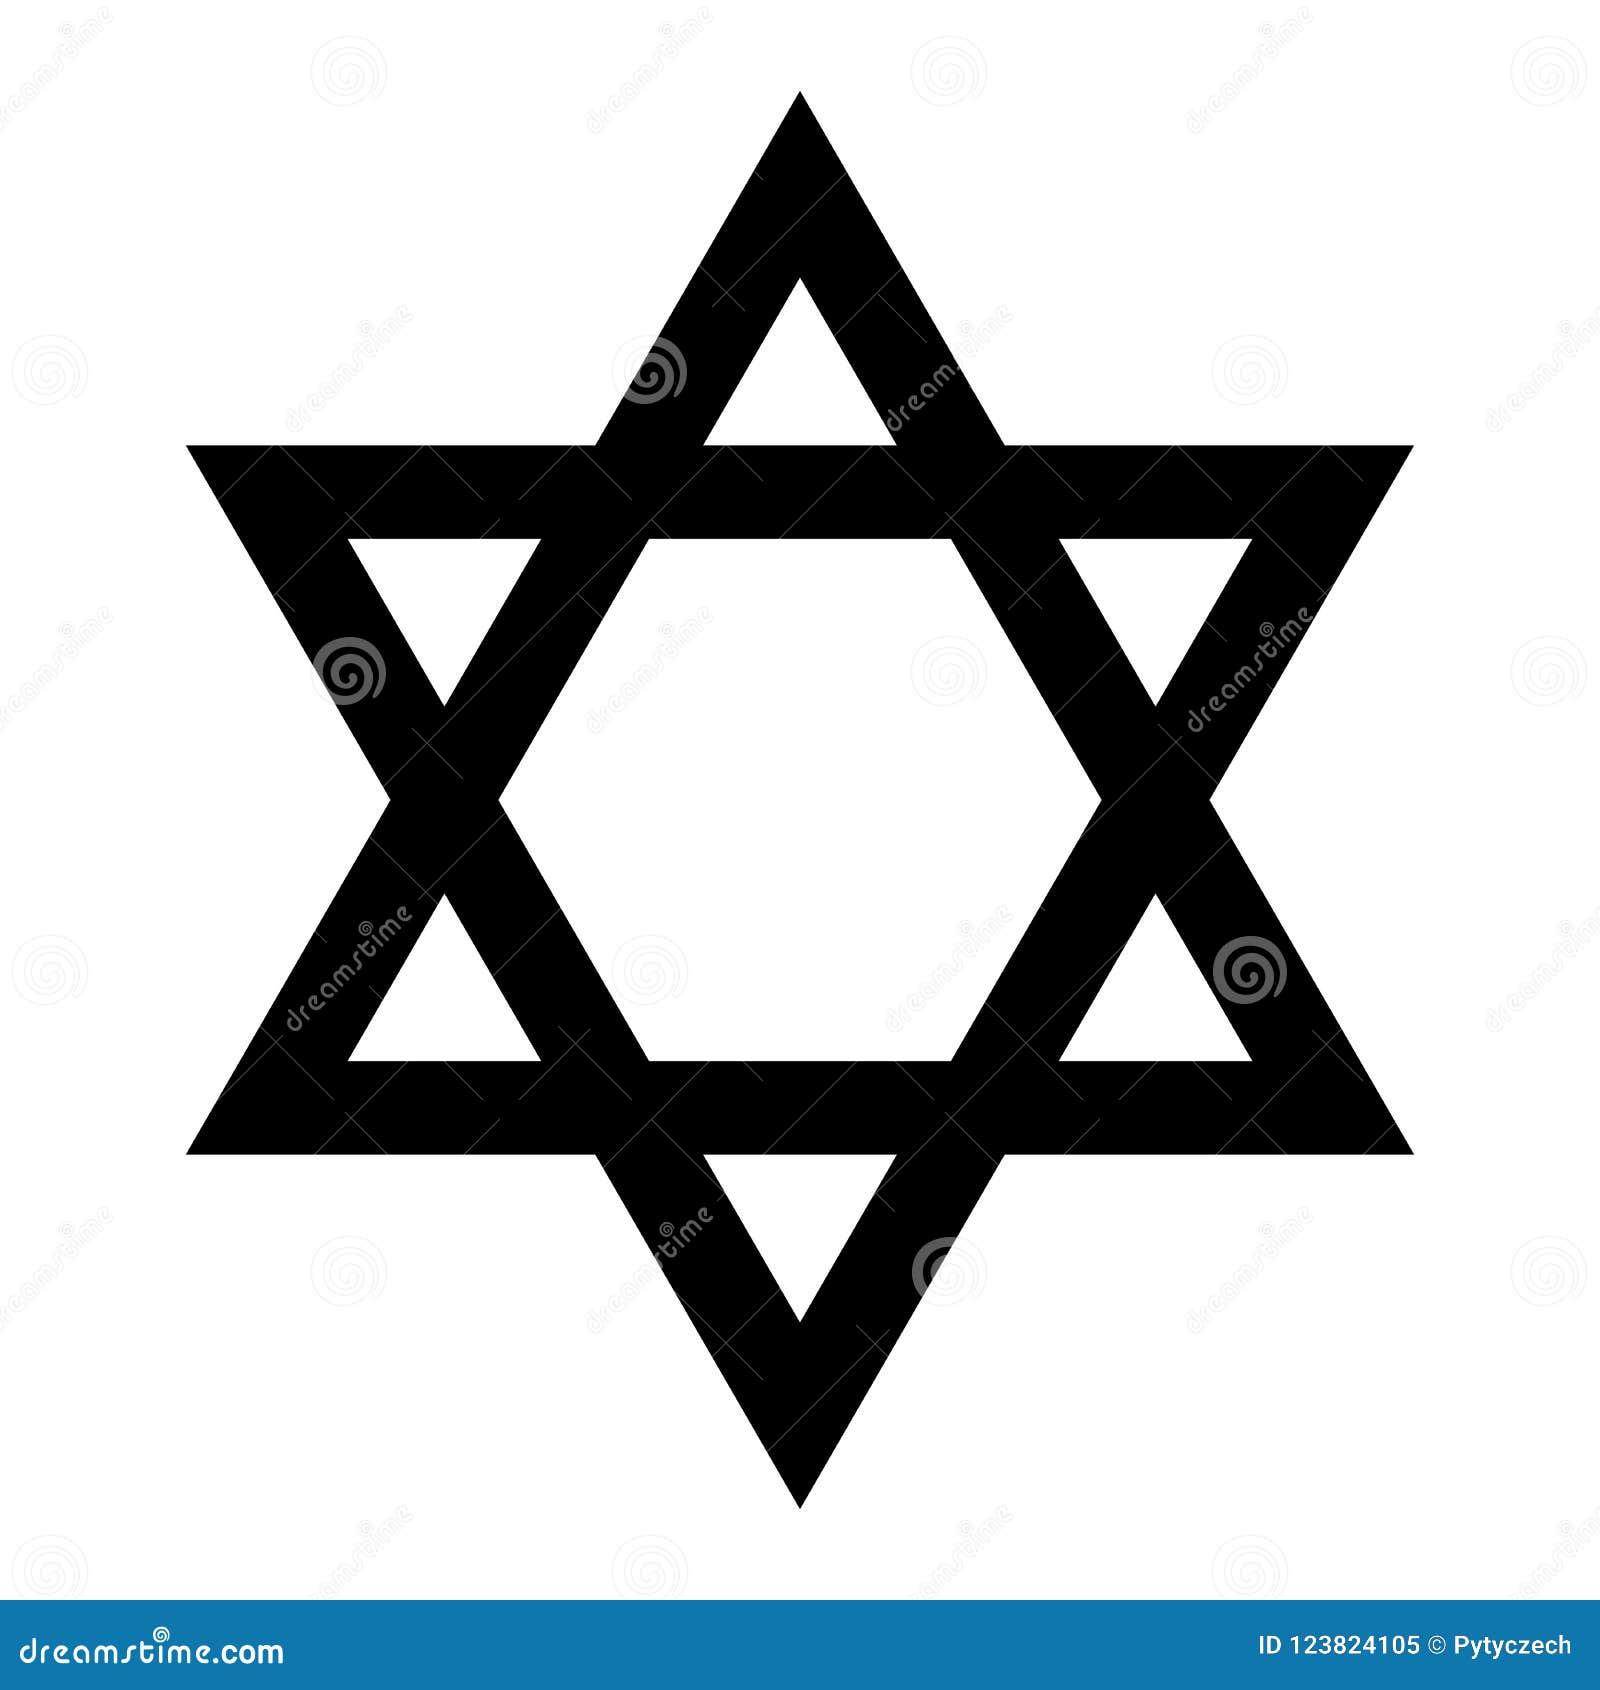 3D illustratie Hexagramteken Symbool van Joods identiteit en Judaïsme Eenvoudige vlakke zwarte illustratie